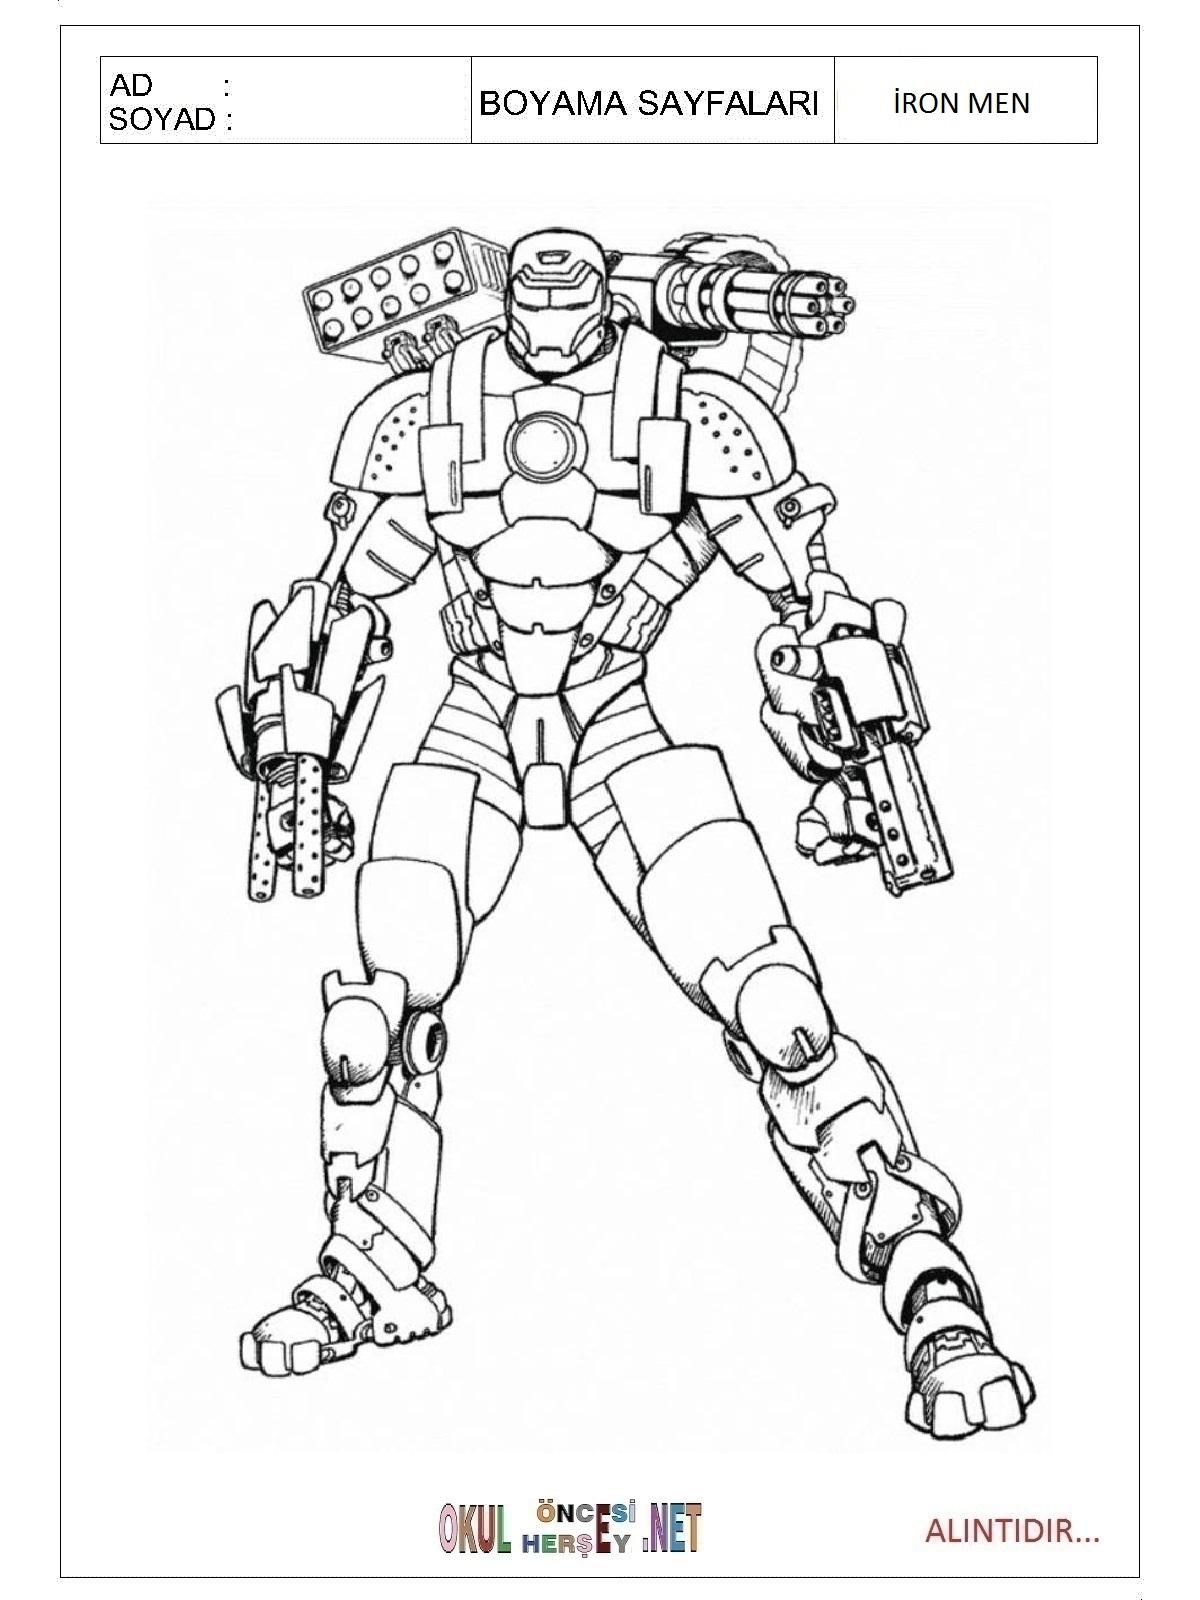 Iron Men Boyama Sayfaları